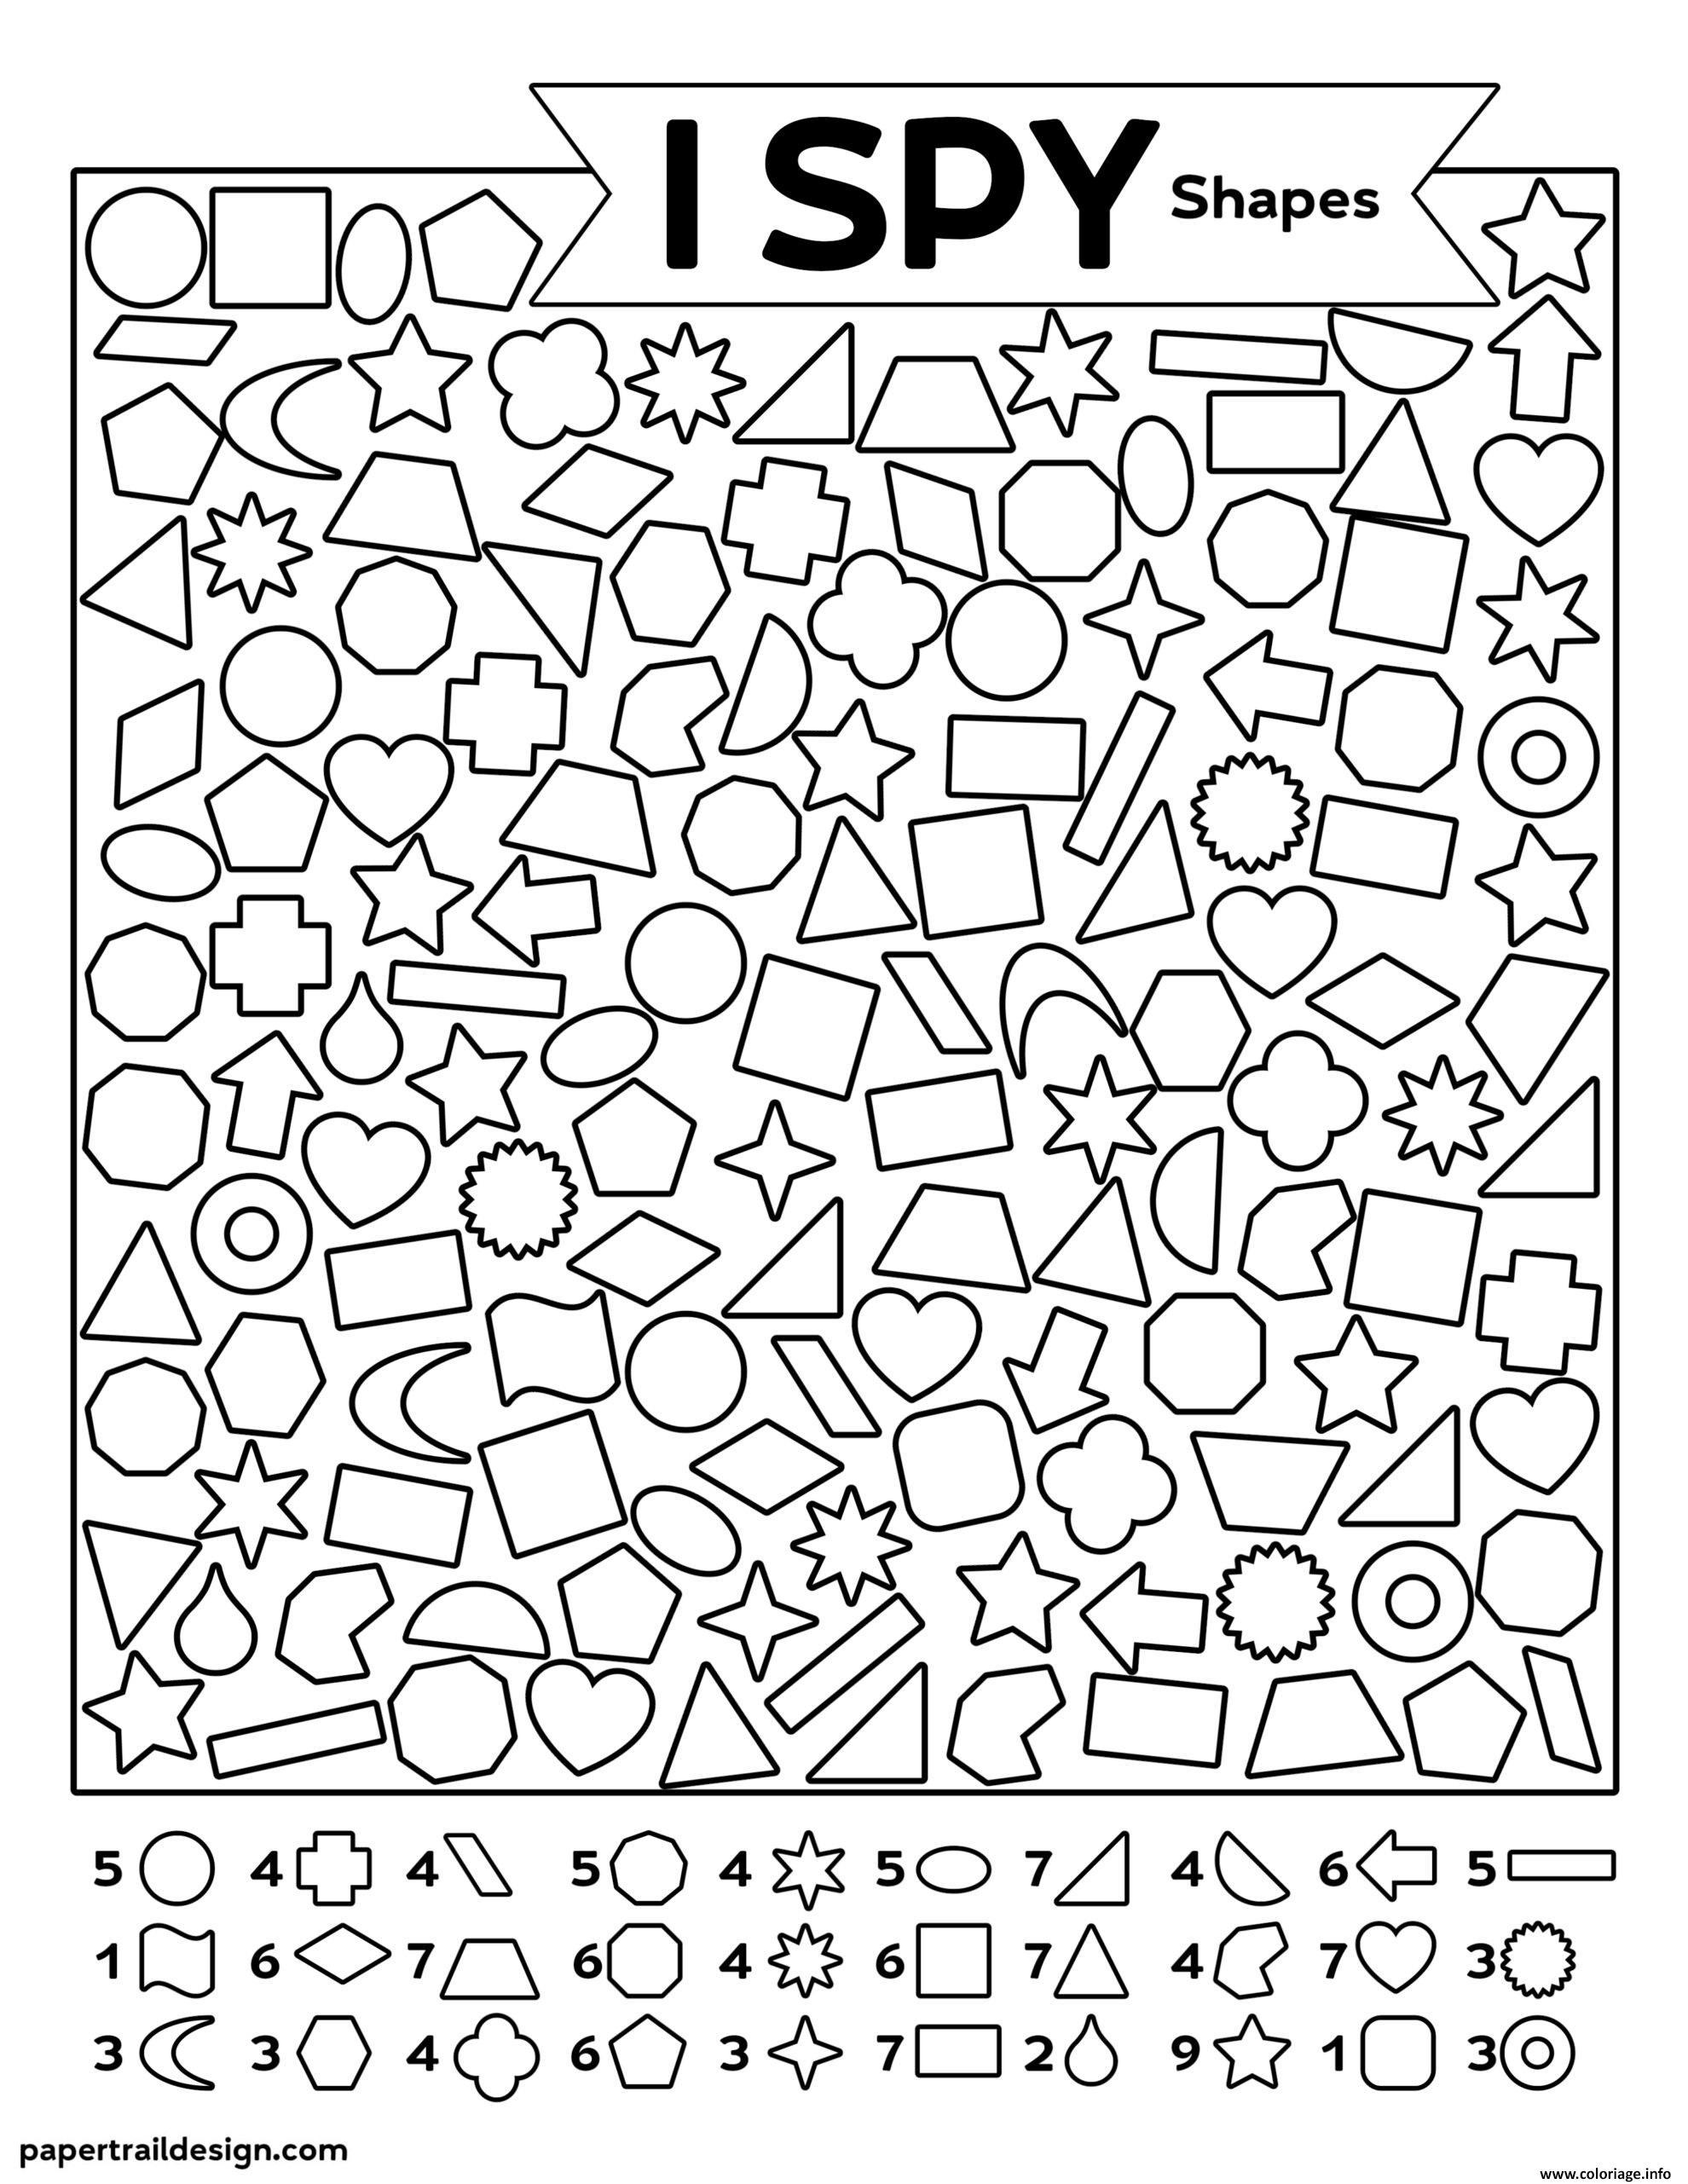 Dessin Formes Cherche et Trouve Coloriage Gratuit à Imprimer